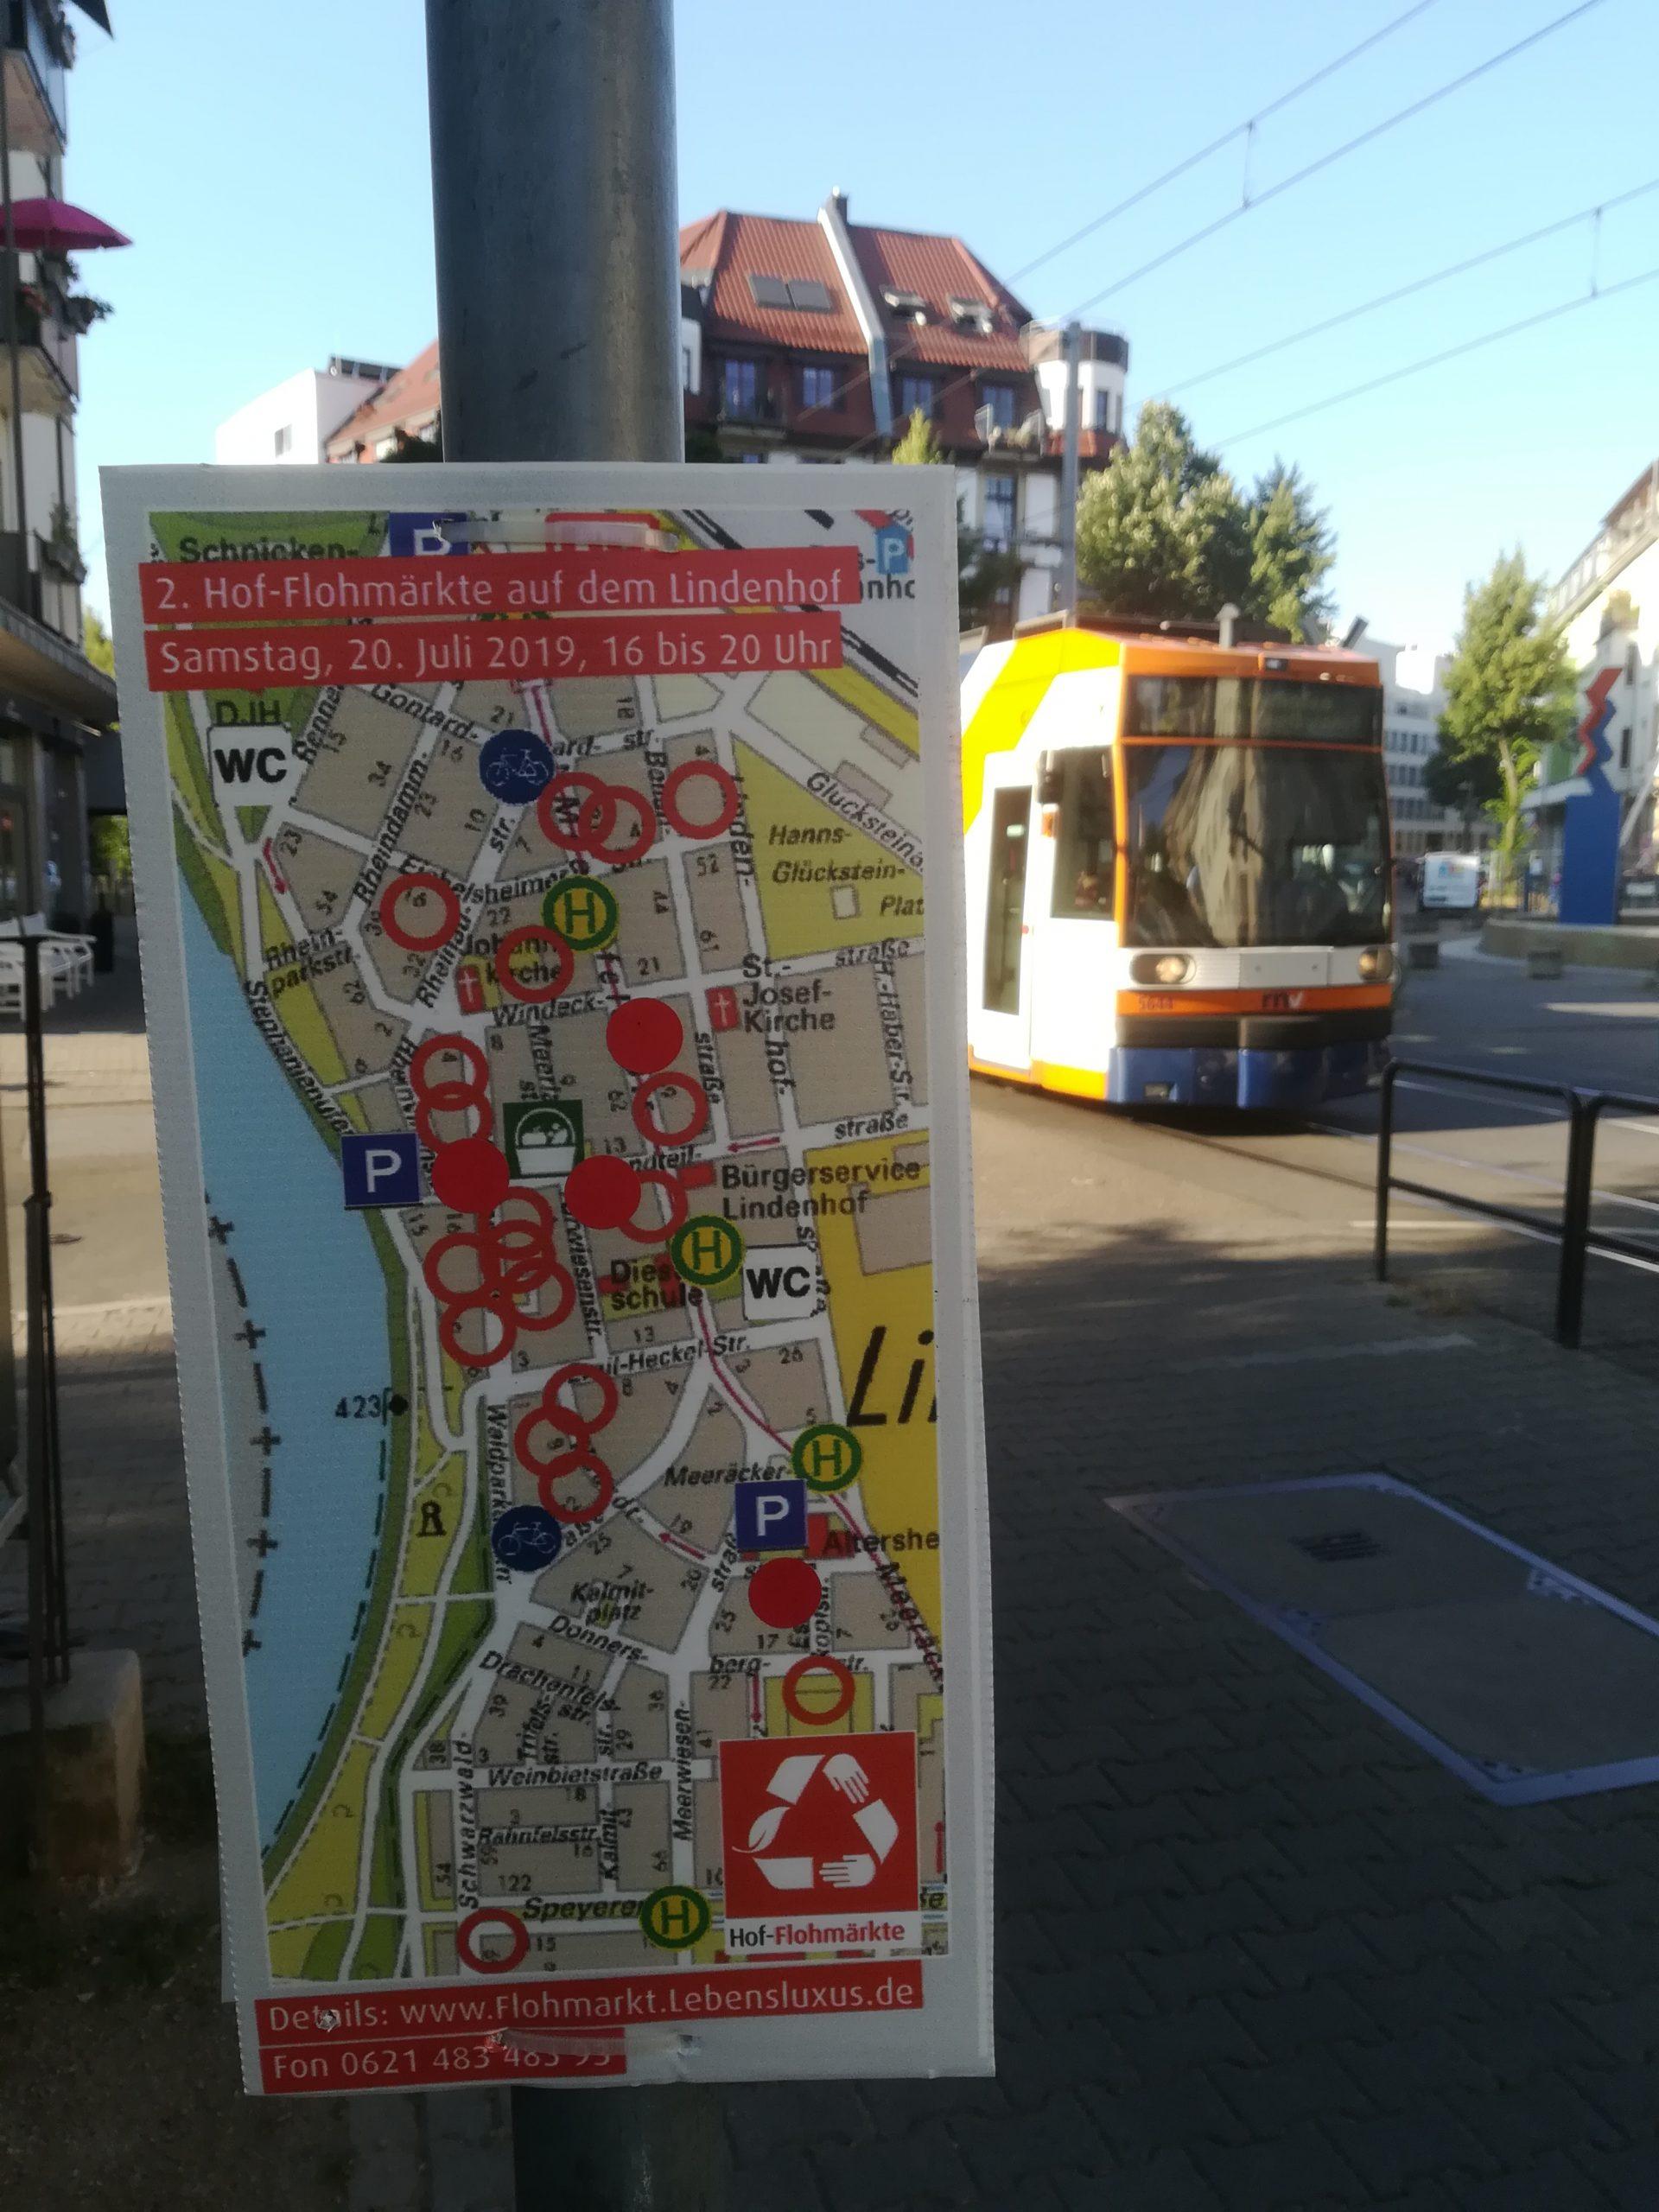 VORBEREITUNGSTREFFEN Hof- und NachbarschaftsFlohmärkte 2021 in der Metropolregion Rhein-Neckar